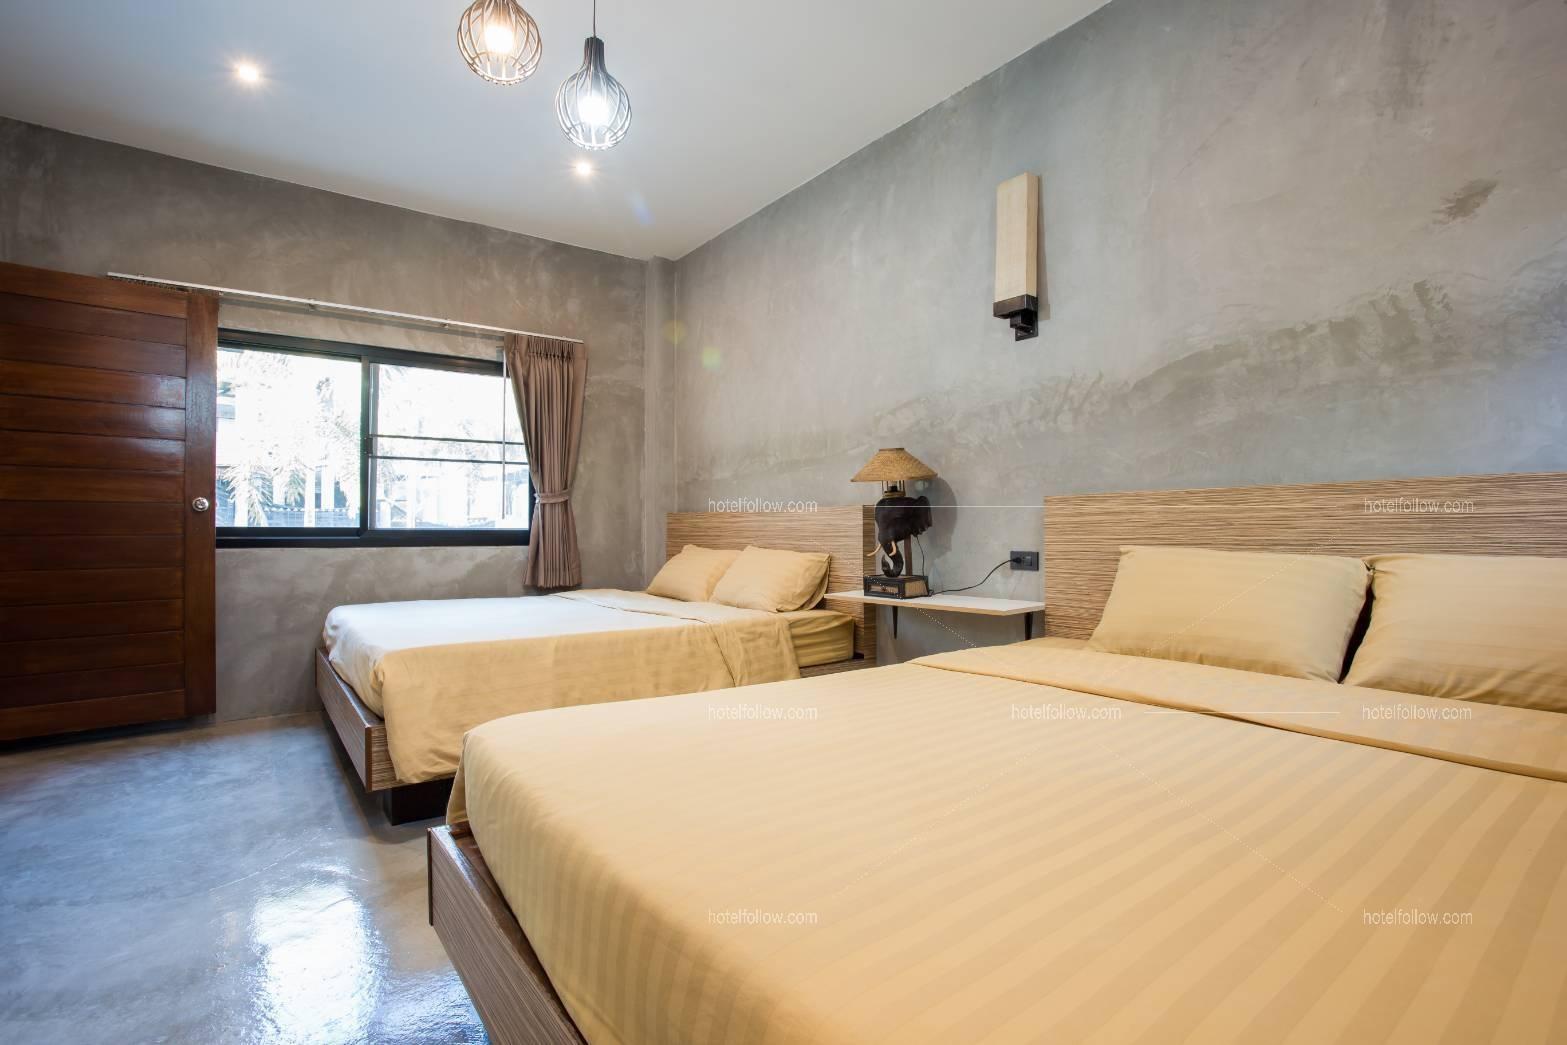 รูปของโรงแรม บ้านหินสวย พูลวิลล่า หัวหิน